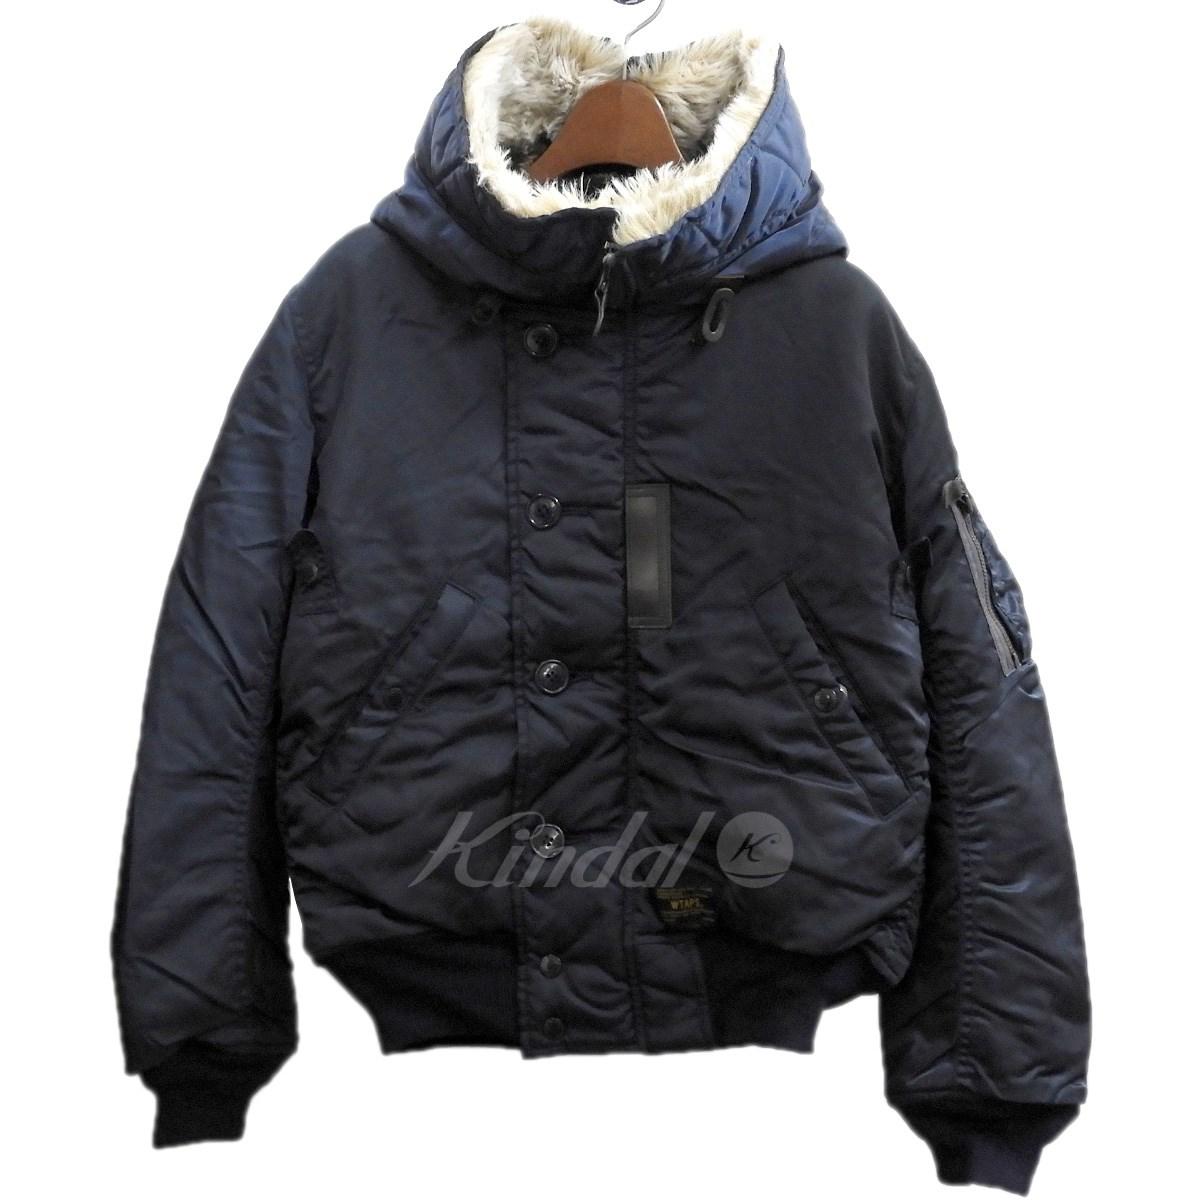 【中古】WTAPS2013AW 「N-2B」N-2Bジャケット ネイビー サイズ:S【2月6日見直し】